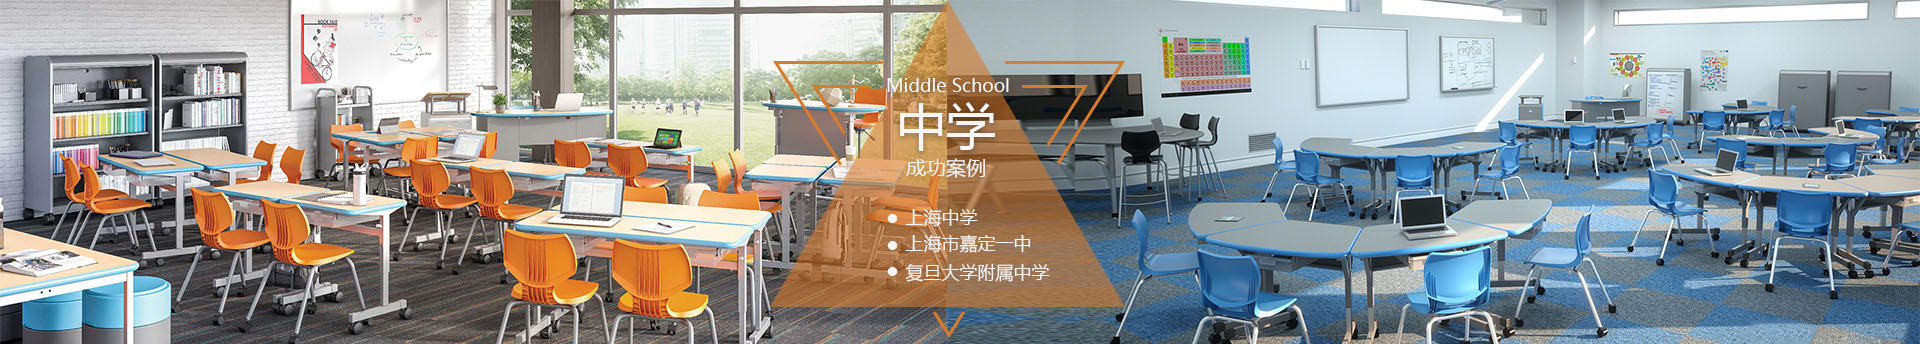 上海新纪元双语学校中学学校家具成功案例-SEEWIN诗敏学校家具国际学校家具-学生课桌椅-宿舍公寓床-未来教室家具-上海诗敏校园家具厂家